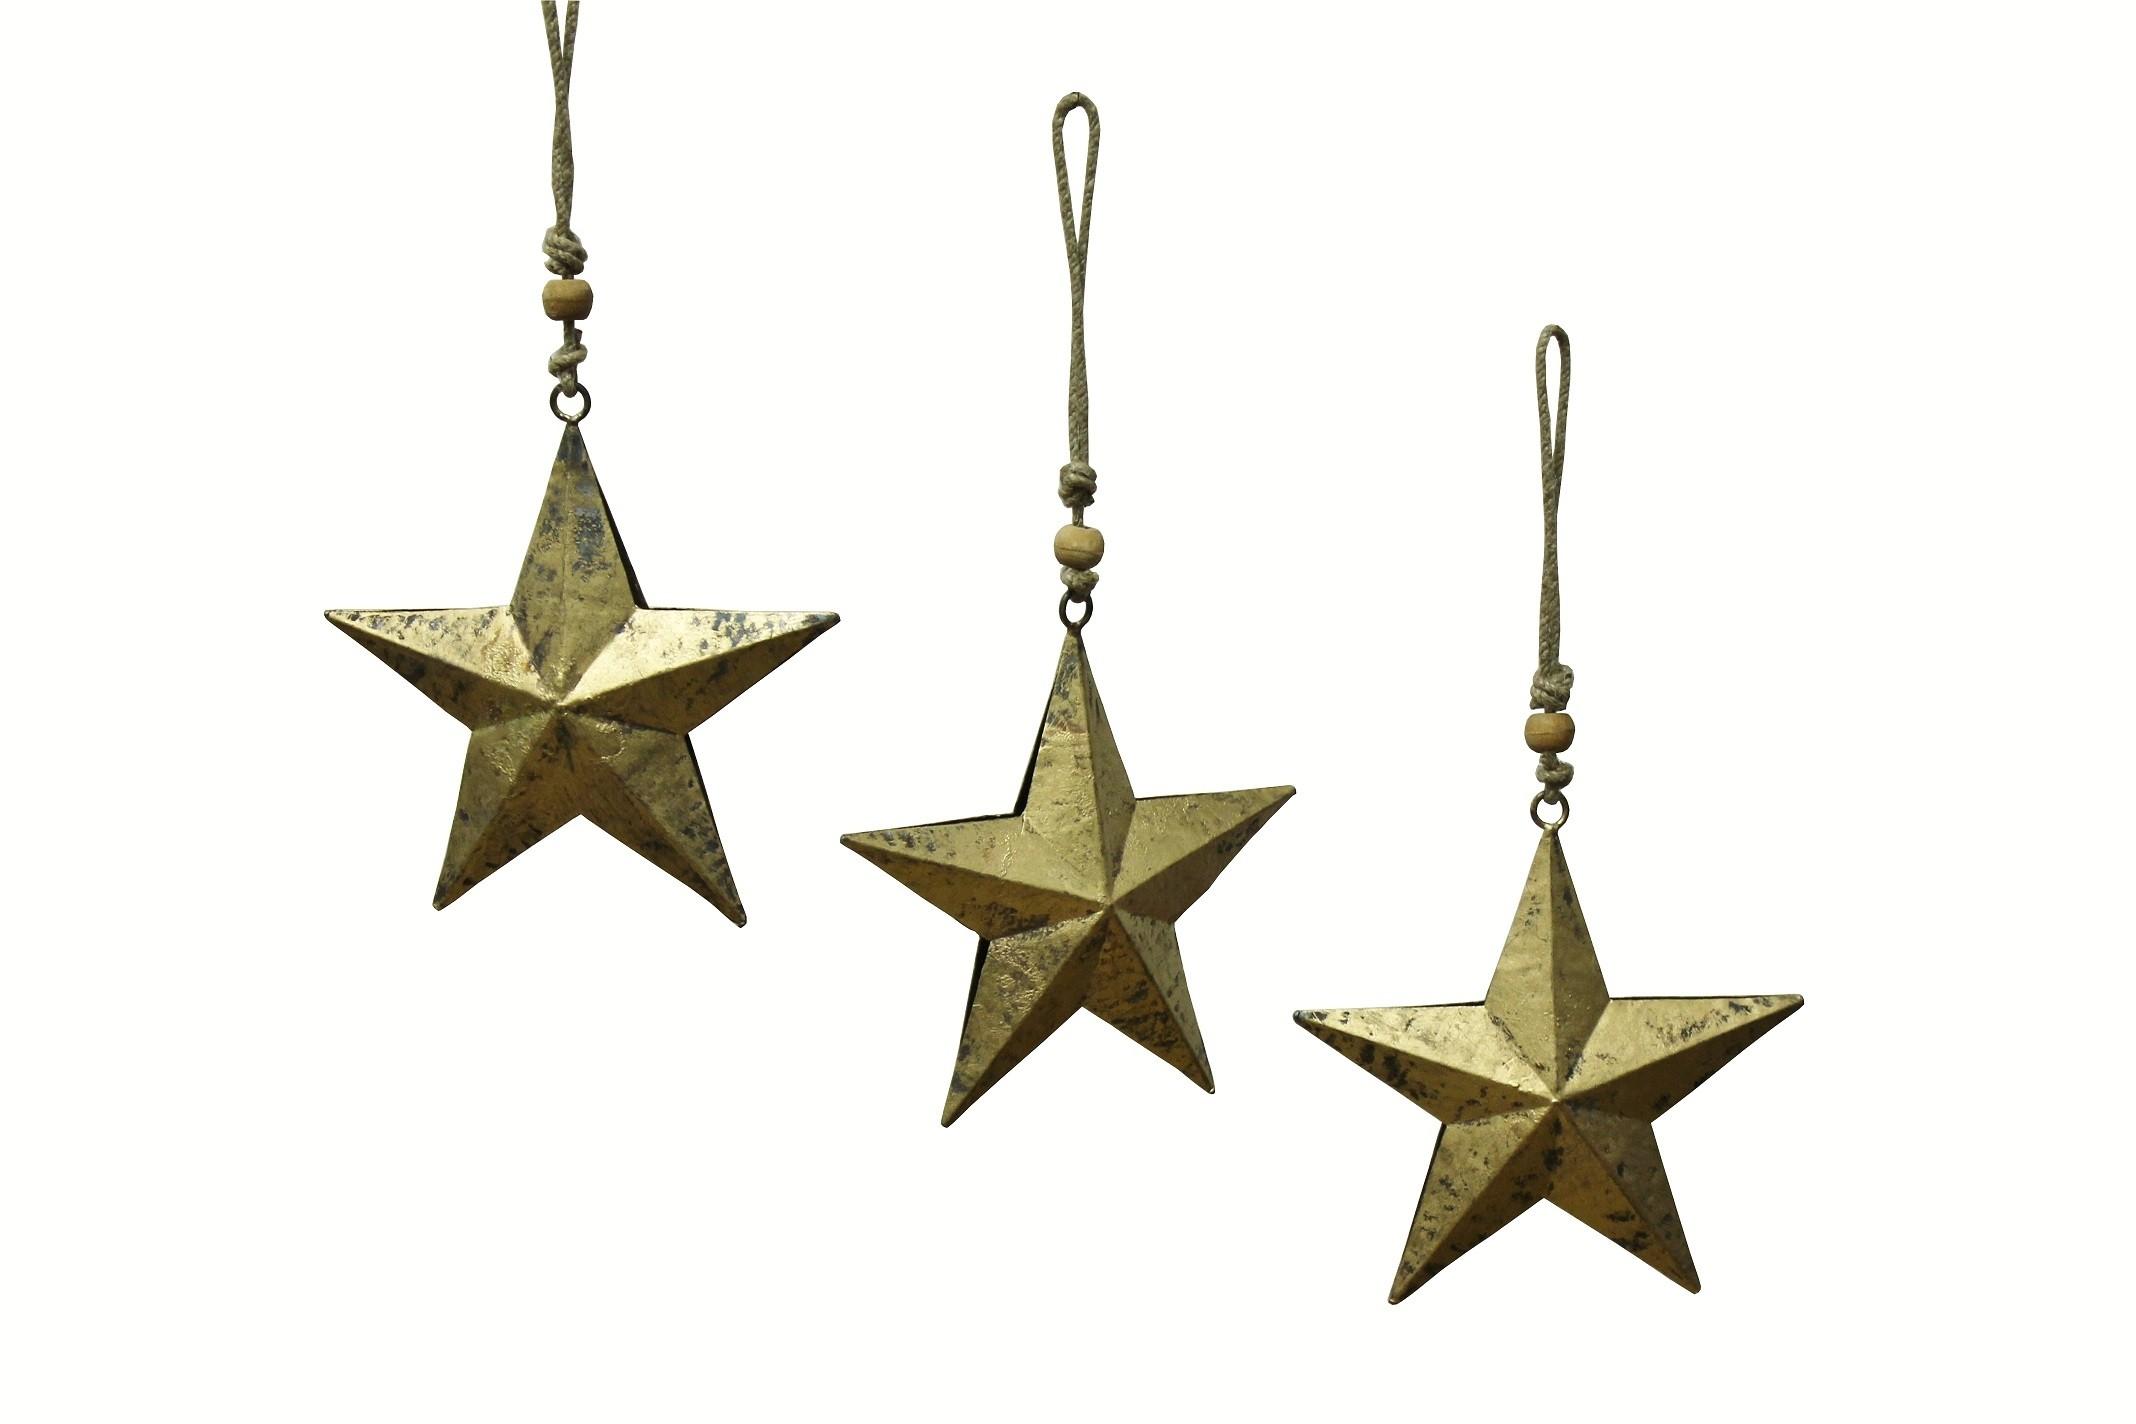 Weihnachtsstern gold hängend 3er Set  Metall  klein